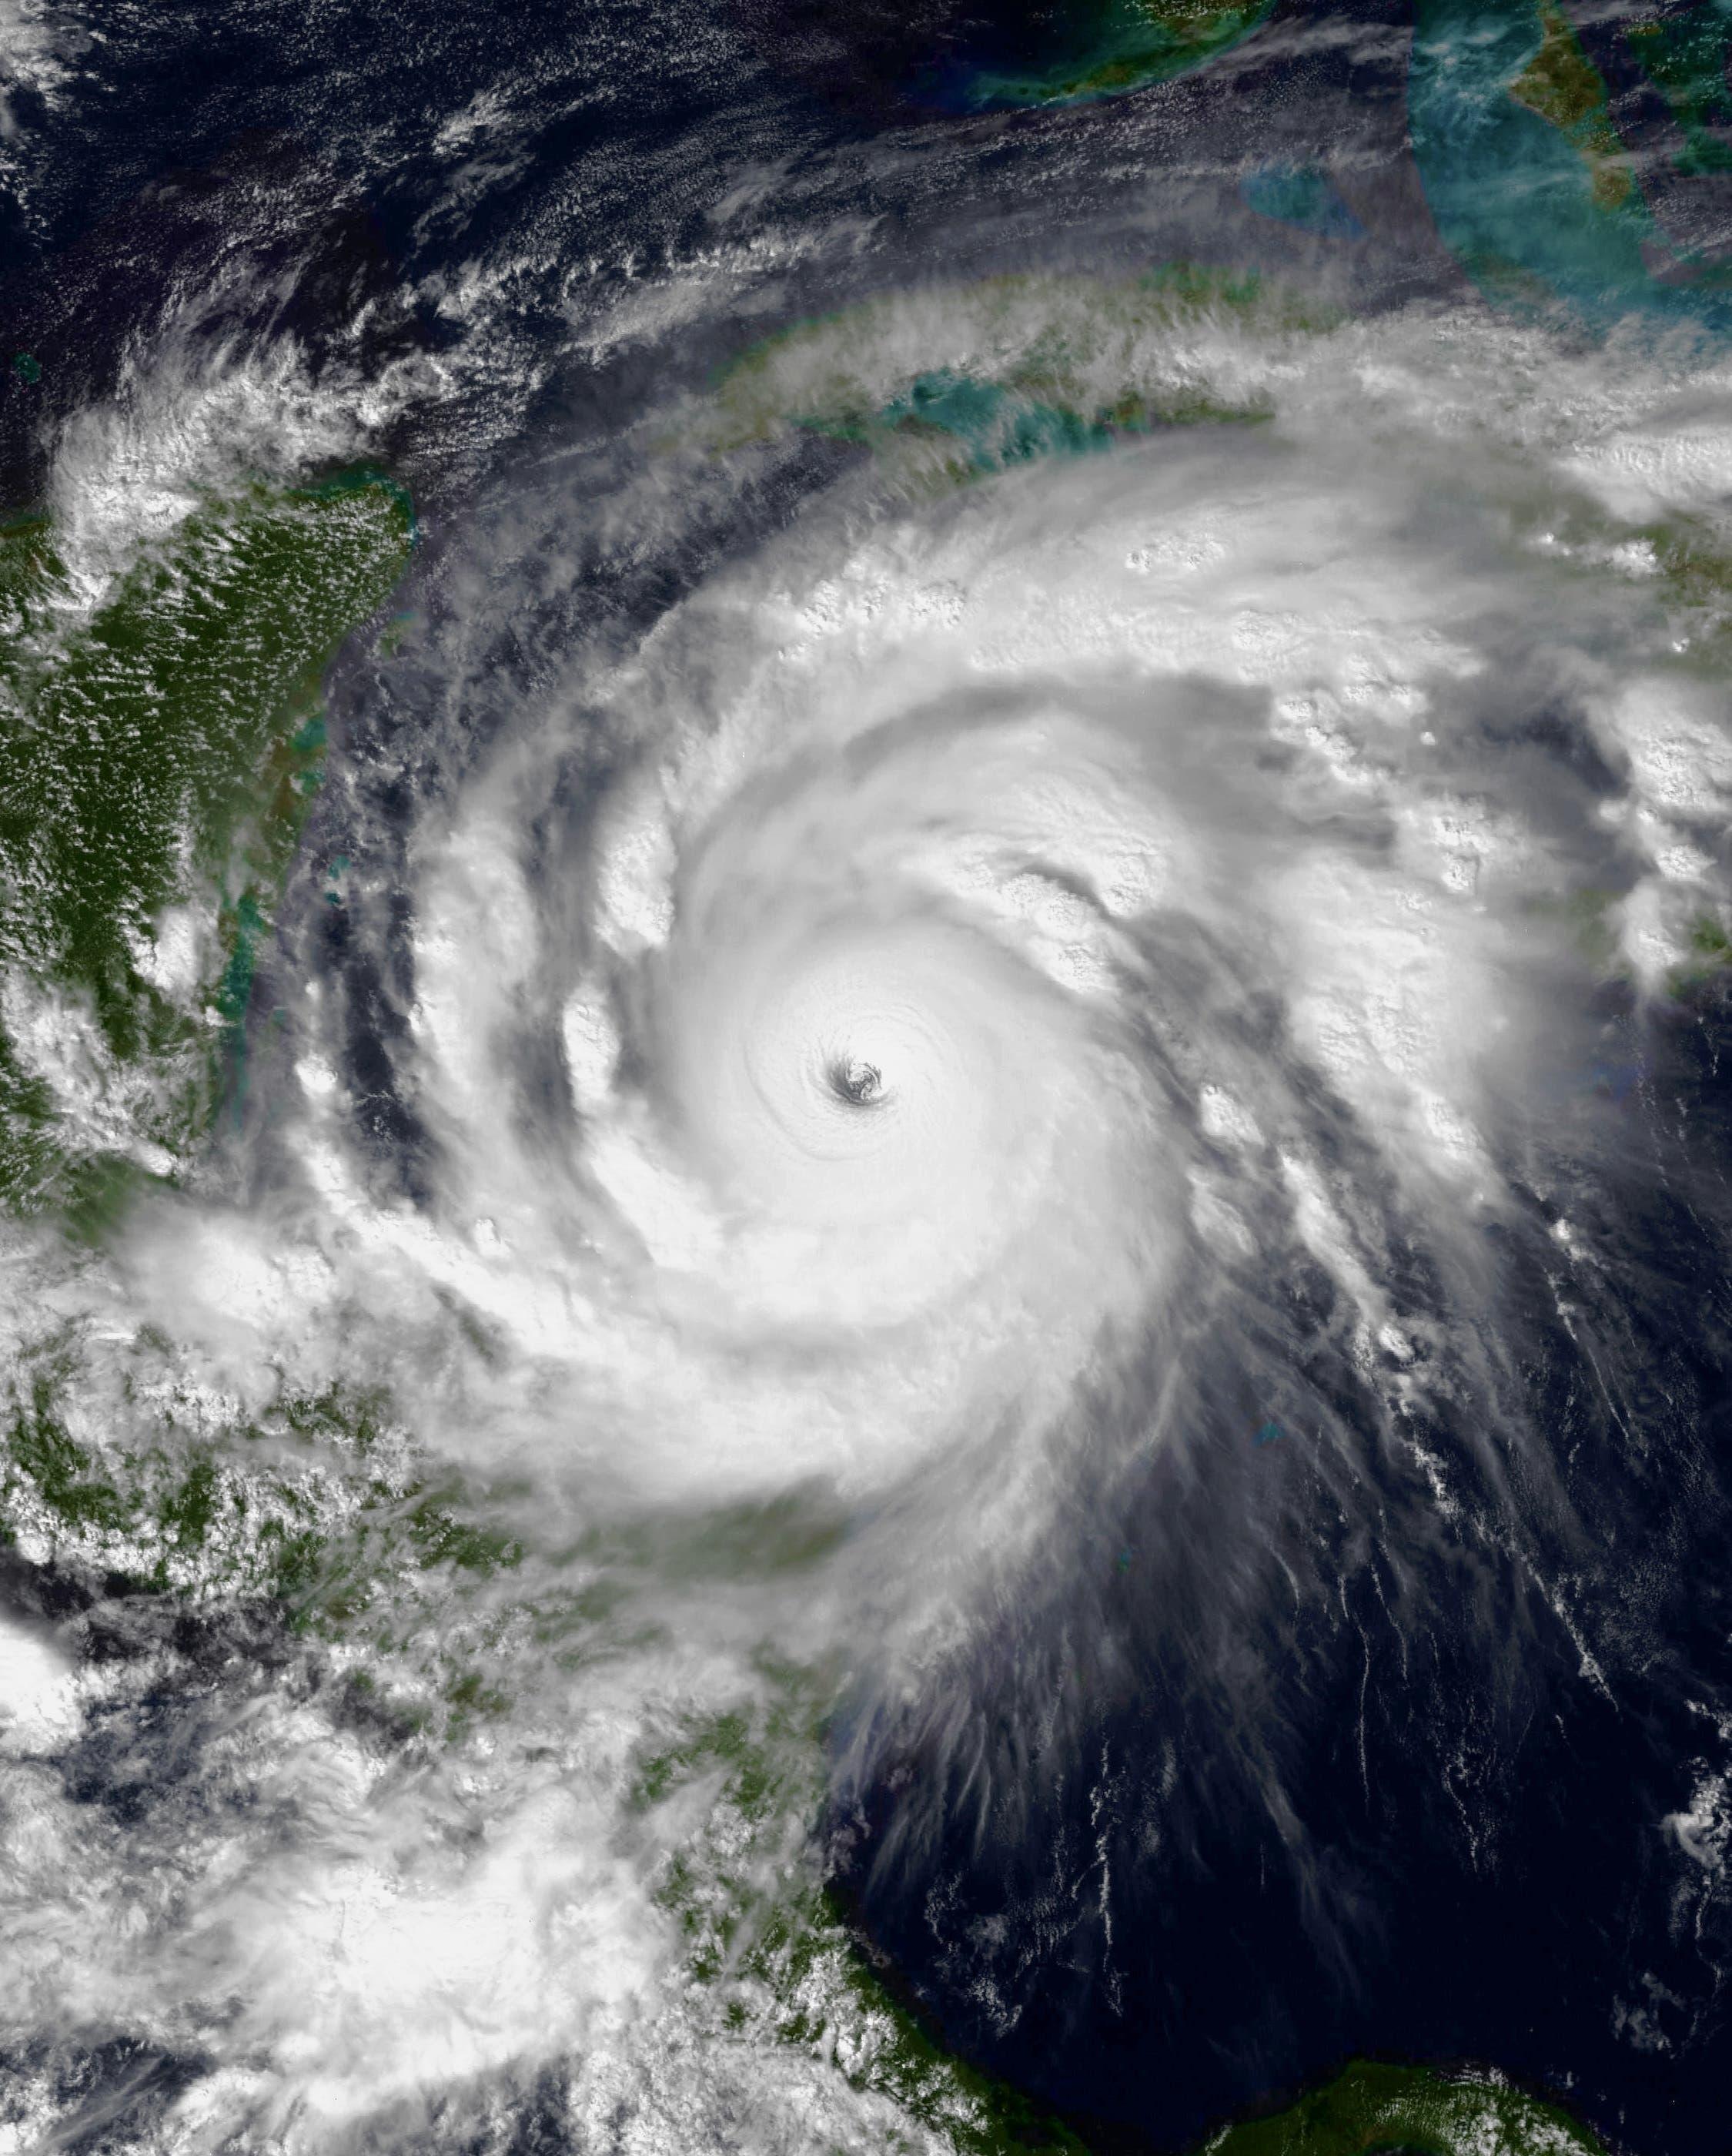 إعصار ميتش يوم 26 تشرين الأول أكتوبر 1998